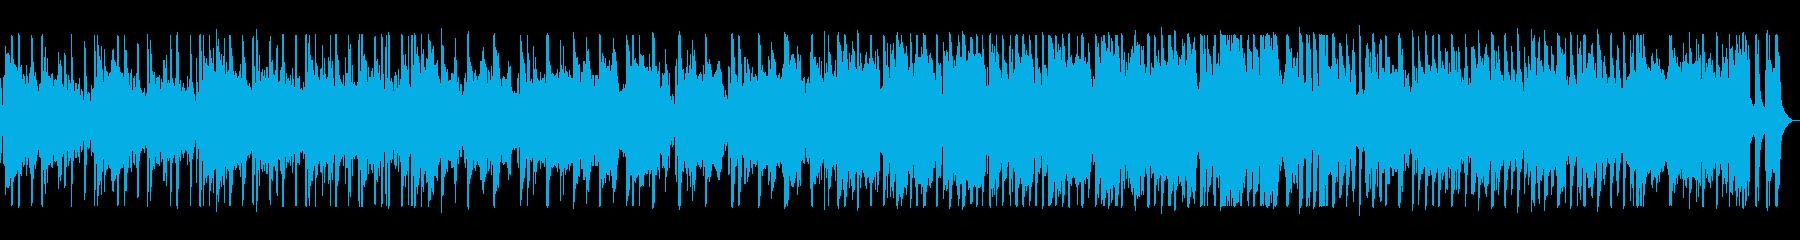 リズミカルで可愛いポップスの再生済みの波形